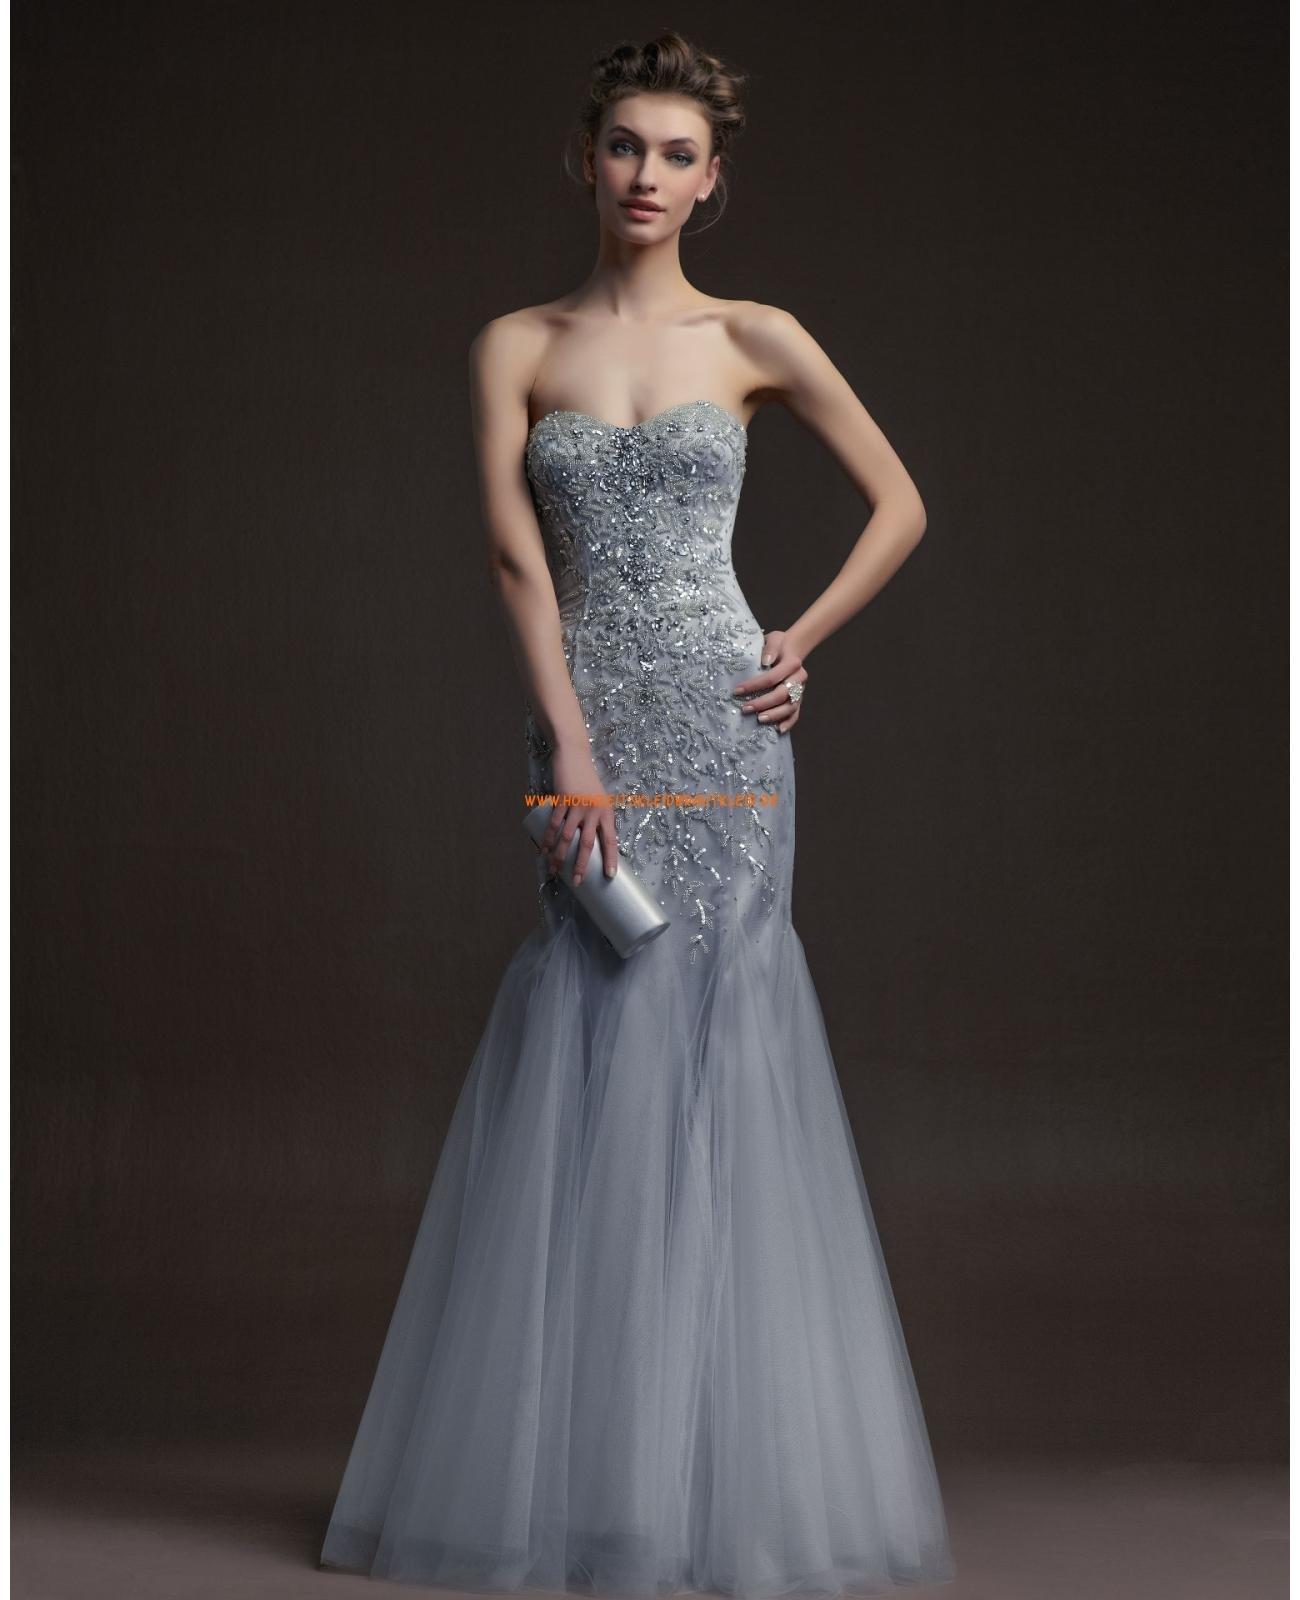 15 Ausgezeichnet Preiswerte Abendkleider Lang Galerie15 Perfekt Preiswerte Abendkleider Lang Design